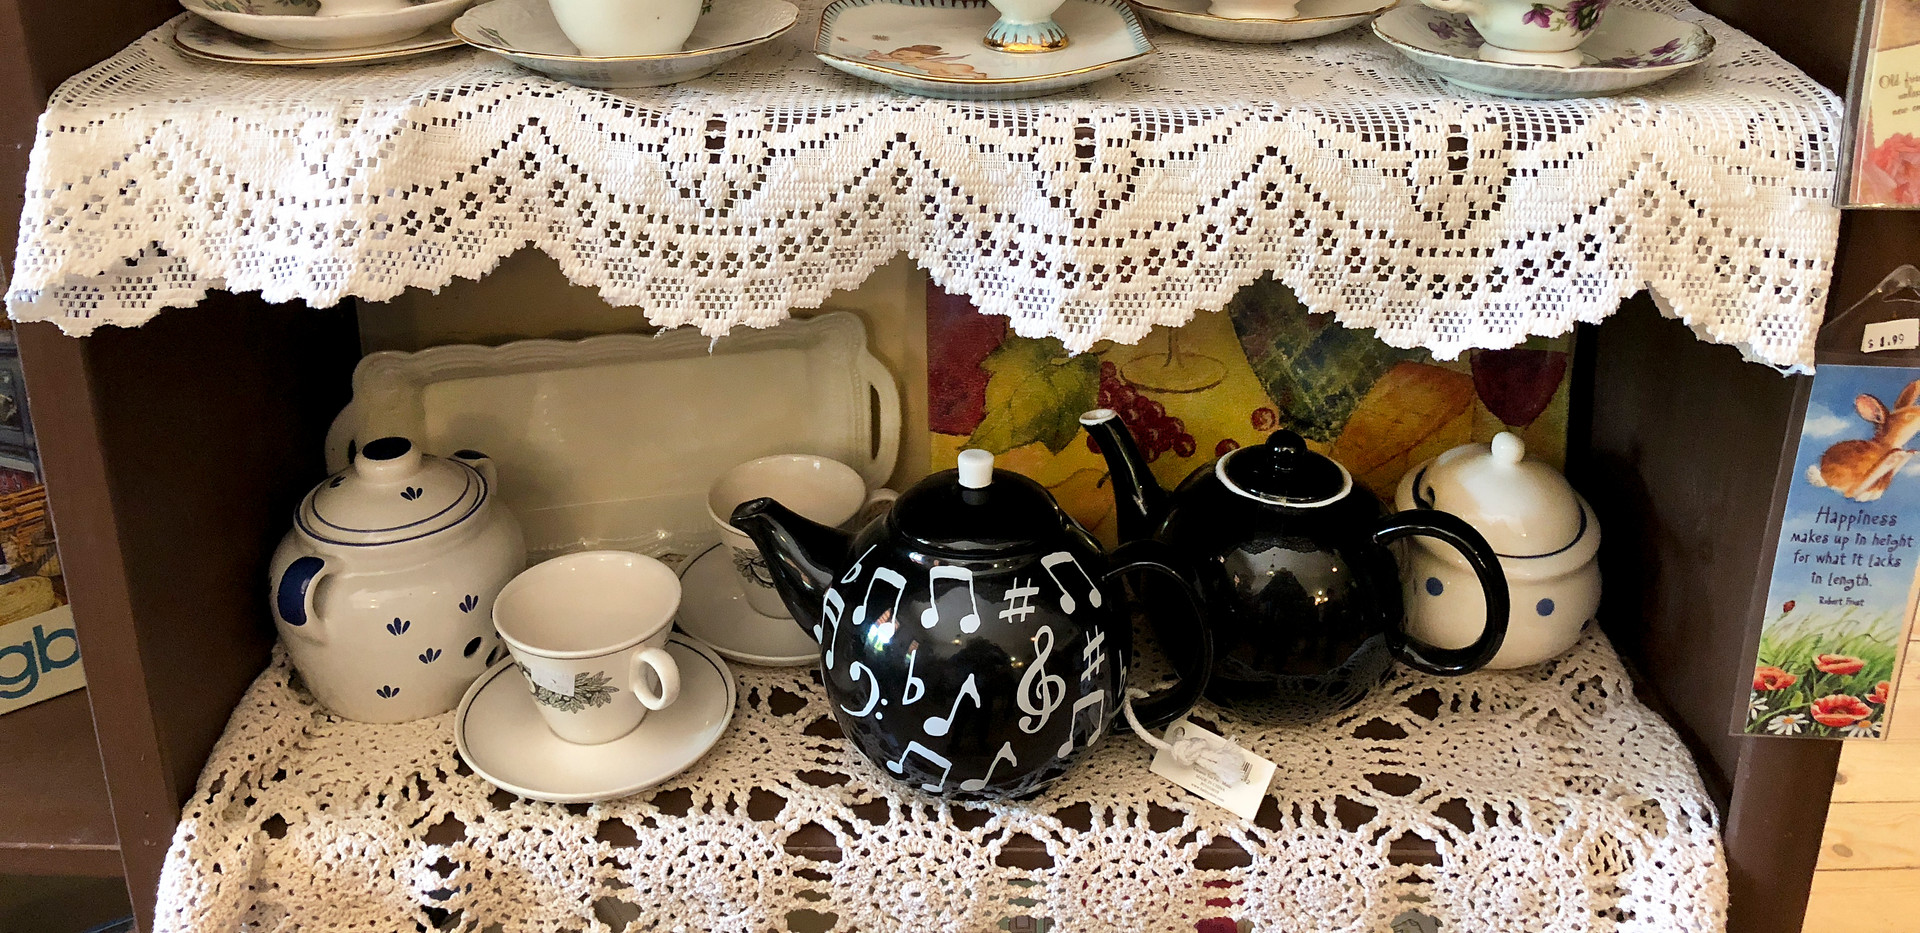 Tea sets.jpg